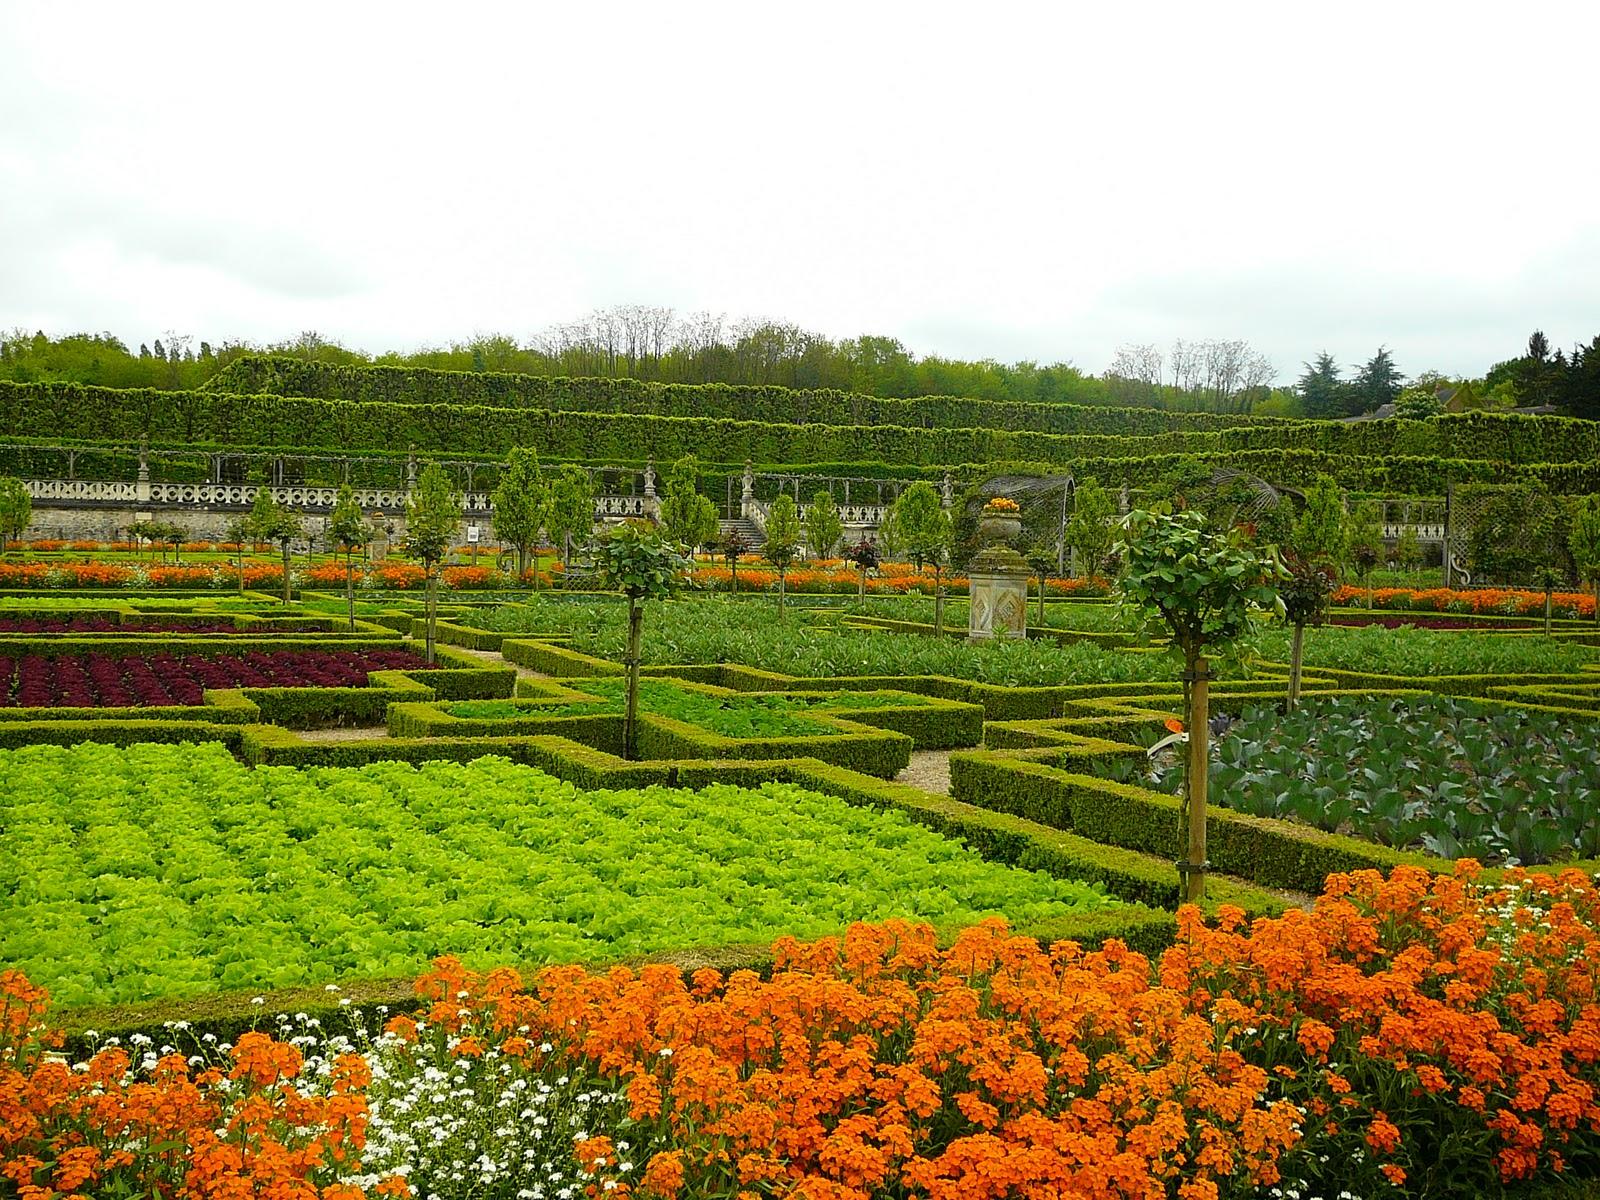 Jardinitis huertos bonitos castillo villandry francia - Huerto y jardin ...